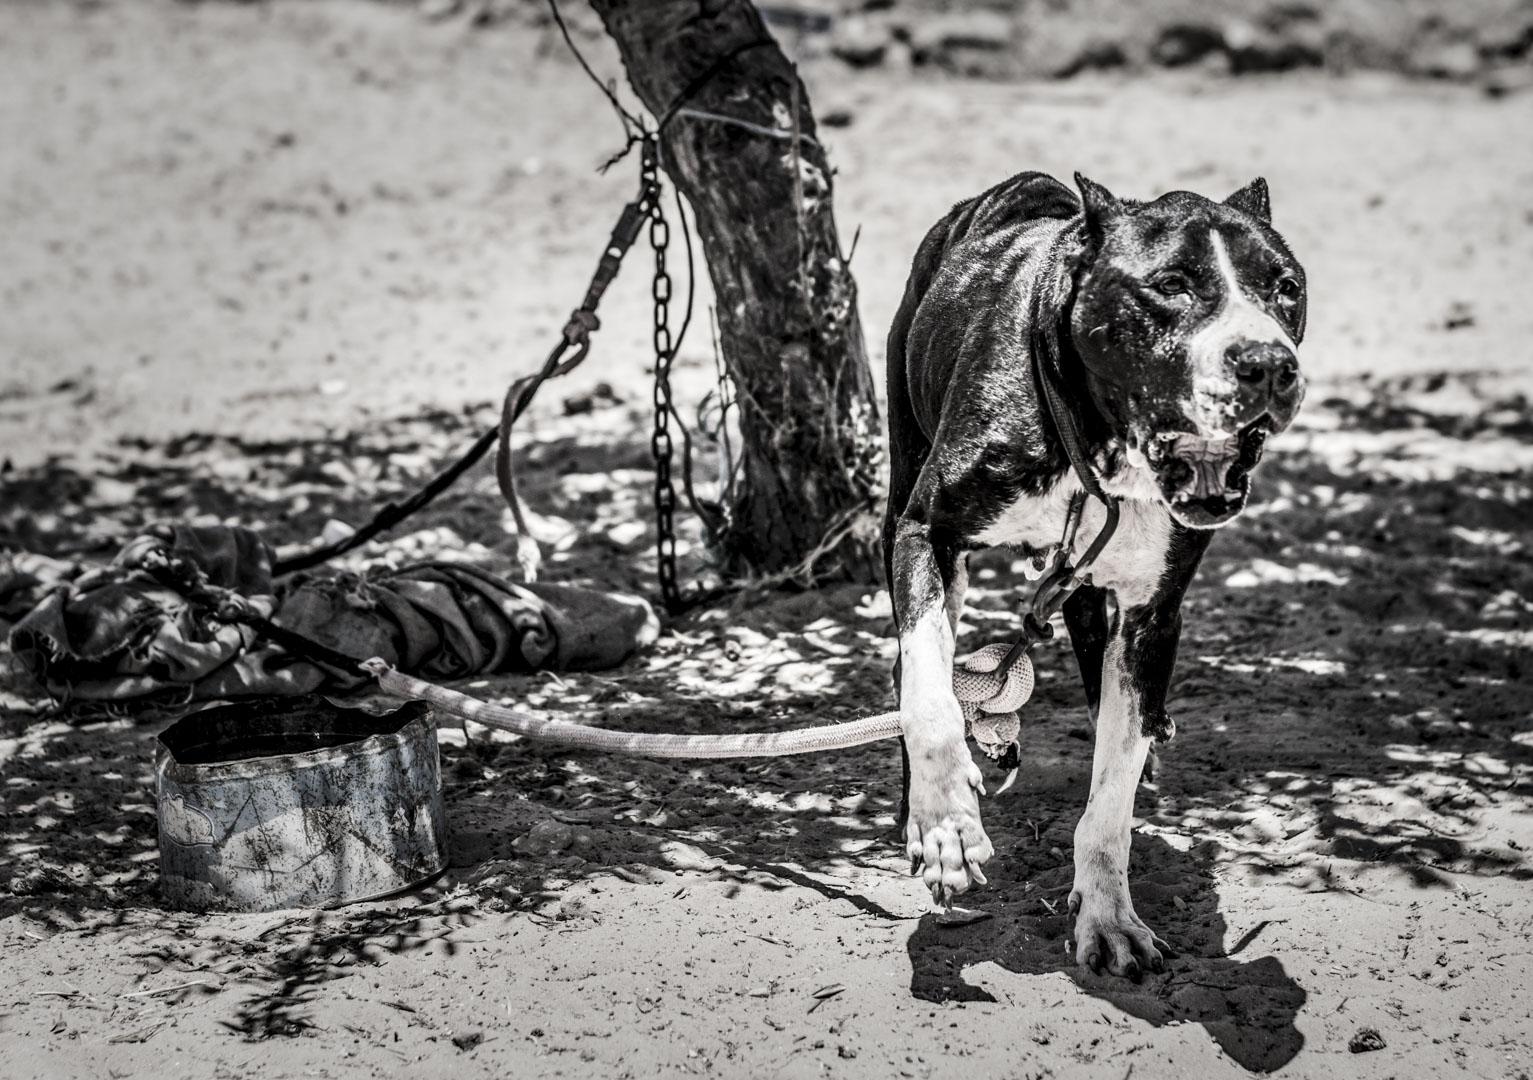 Fotografická expedice Djerba 2017 reportážní fotograf praha Jakub Morávek Djerba photography -86